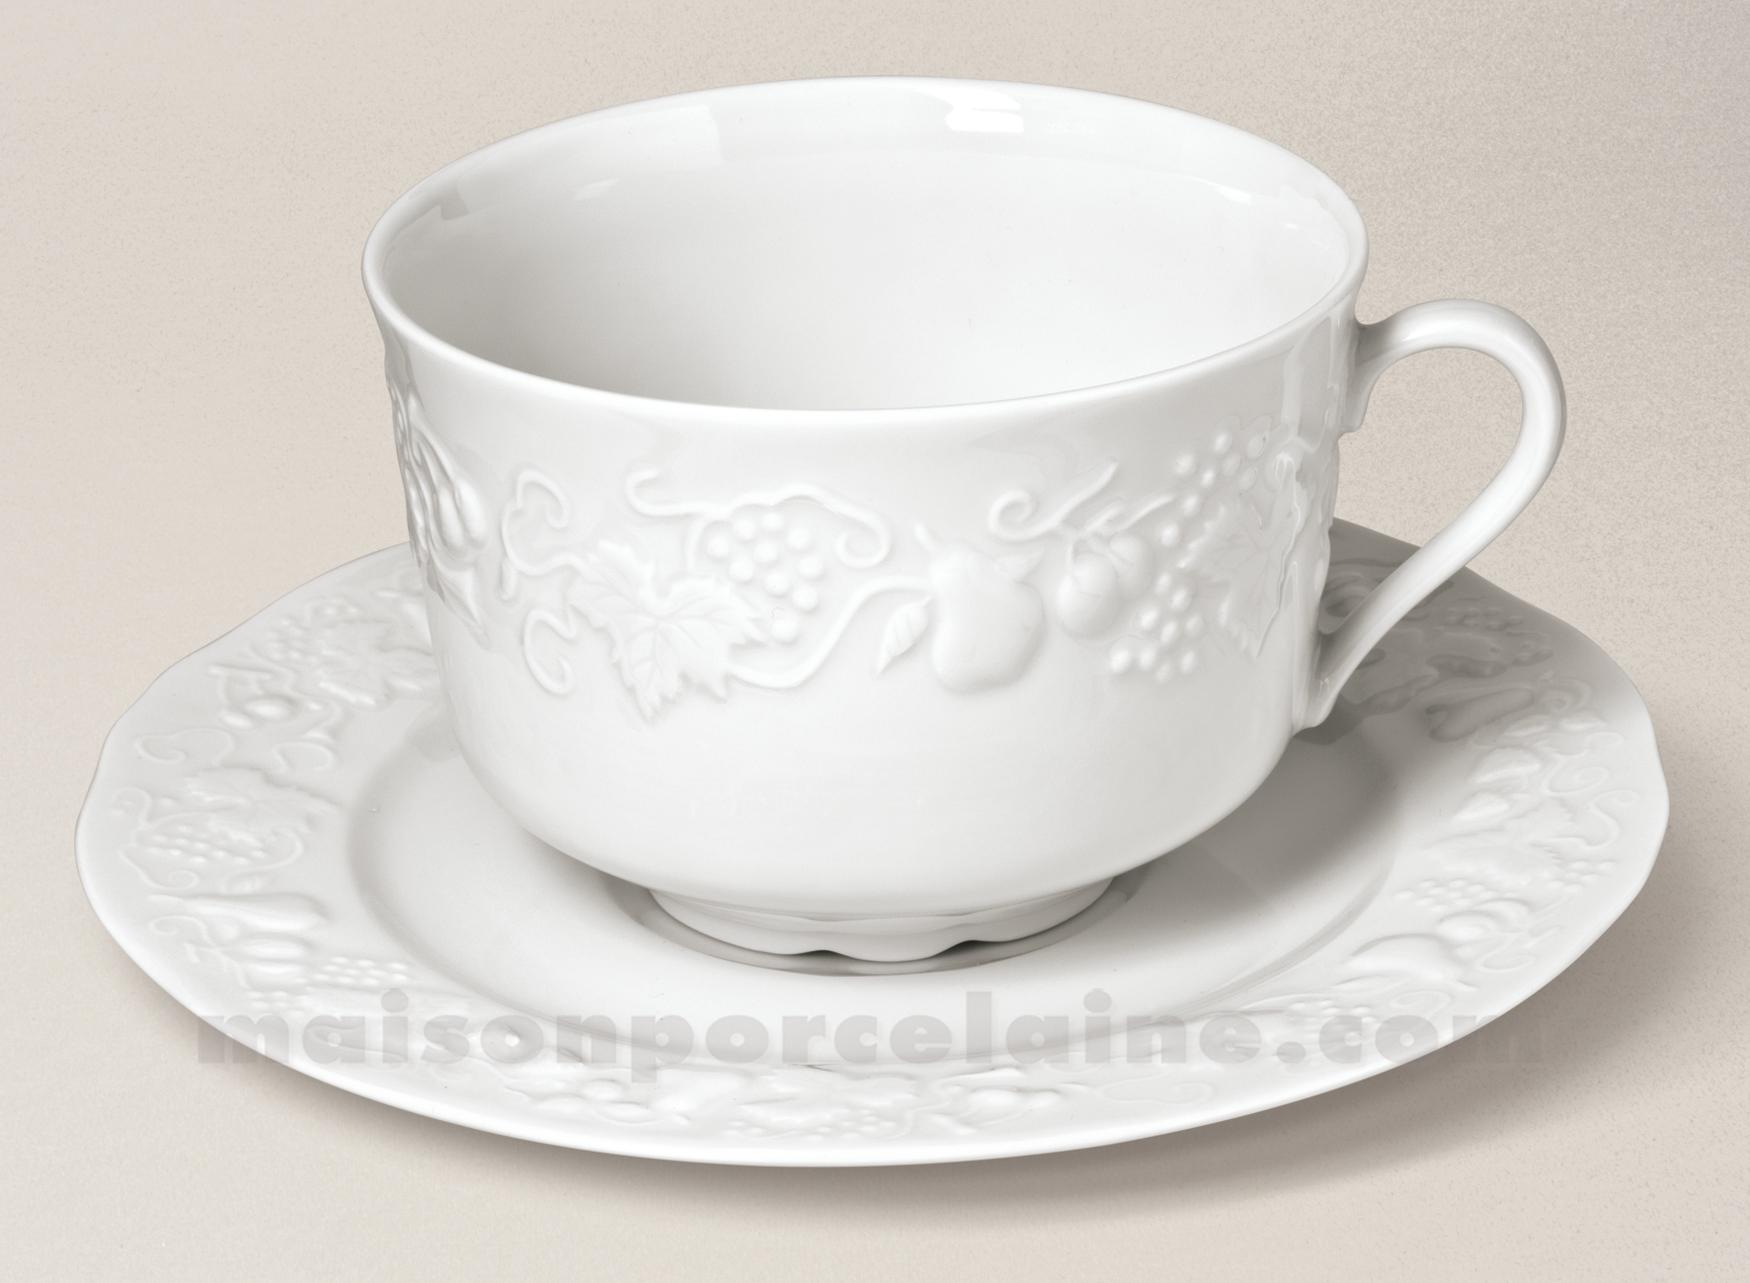 tasse dejeuner jumbo california soucoupe limoges porcelaine blanche 47cl maison de la porcelaine. Black Bedroom Furniture Sets. Home Design Ideas